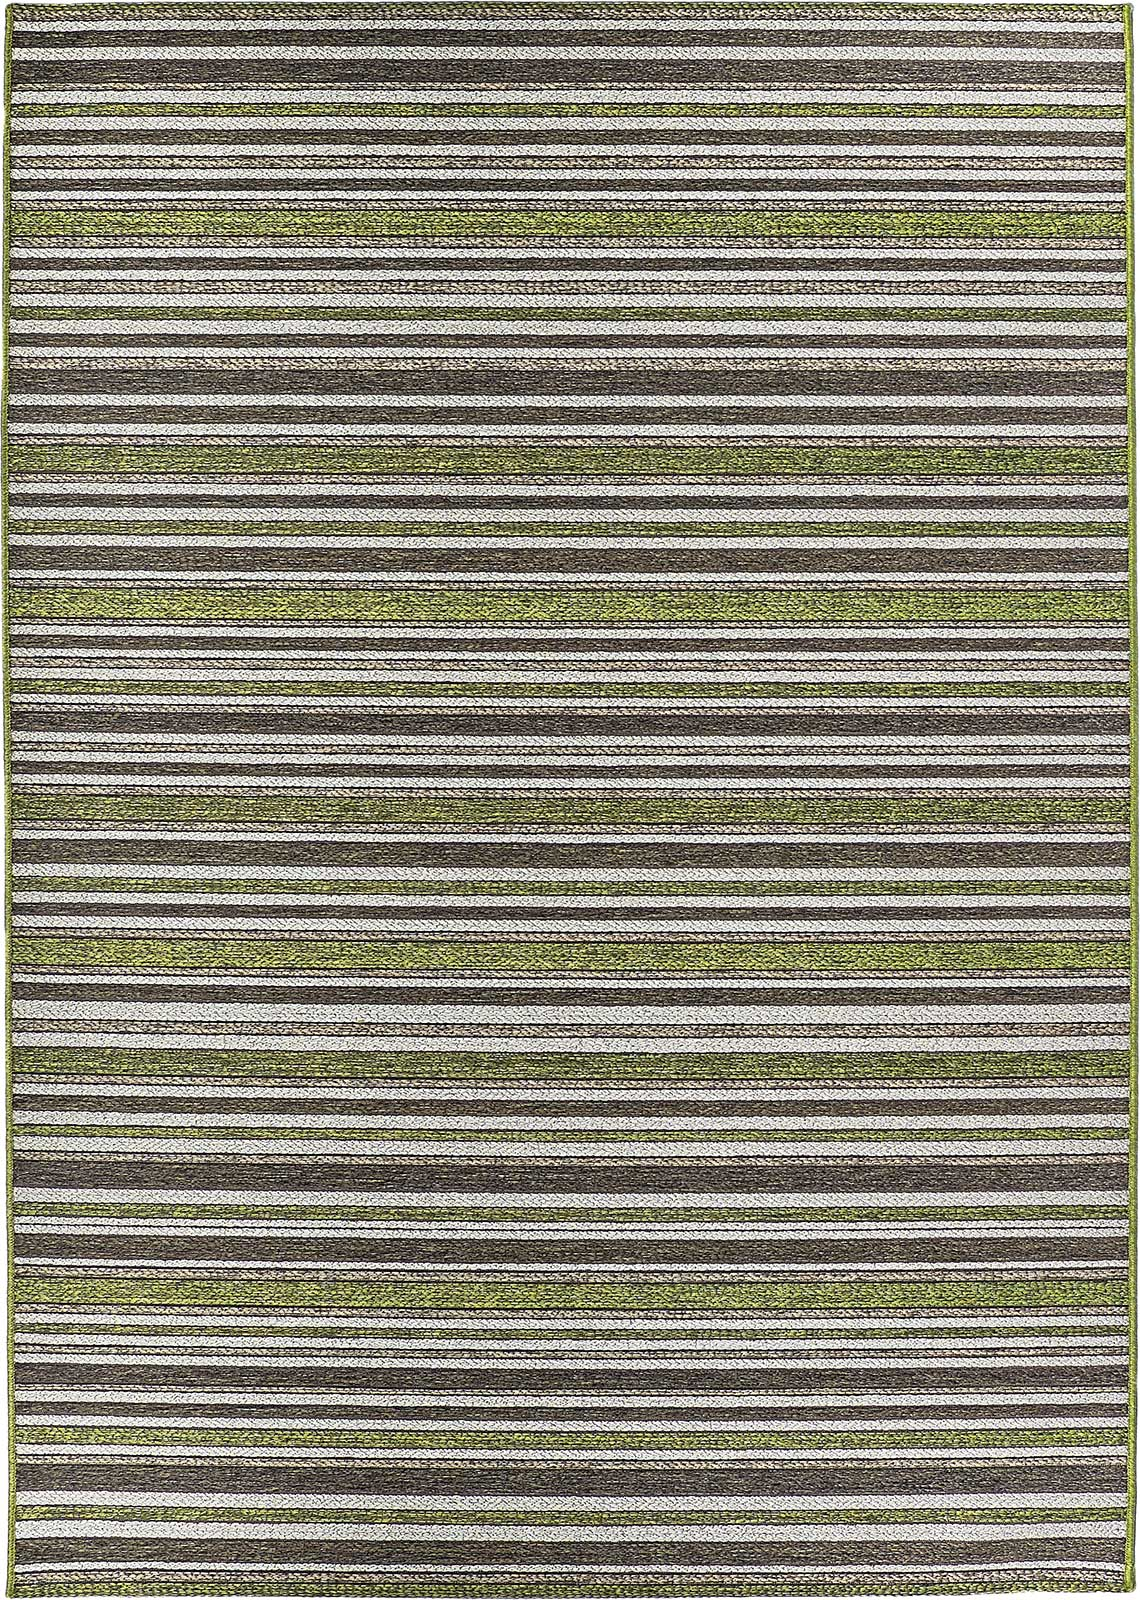 Brooklyn tappeto da esterno con righe - Italy Dream Design